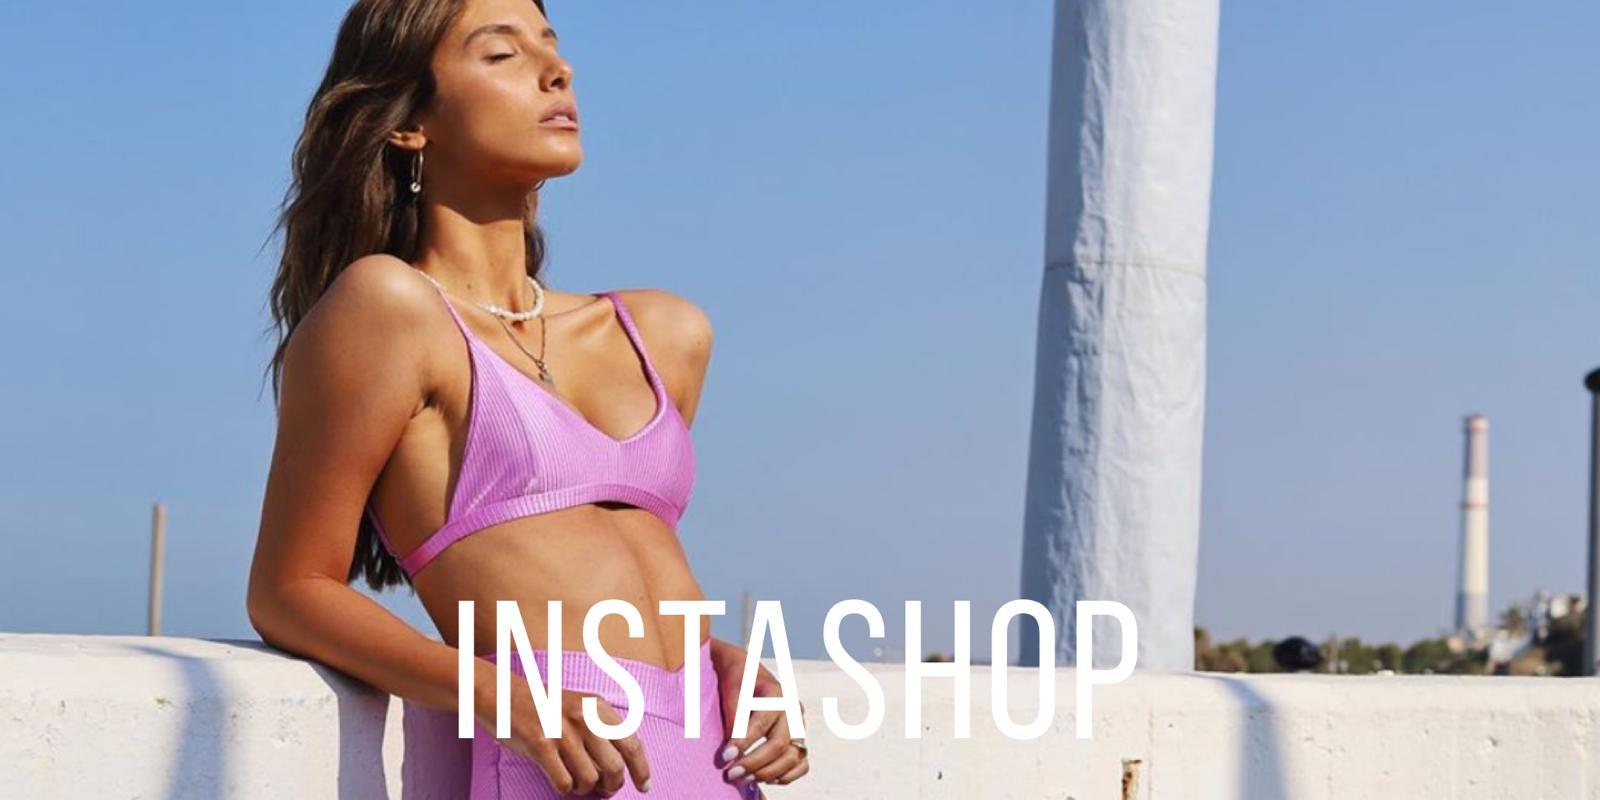 INSTASHOP - החנות הורודה - בגדי ים ברזילאים